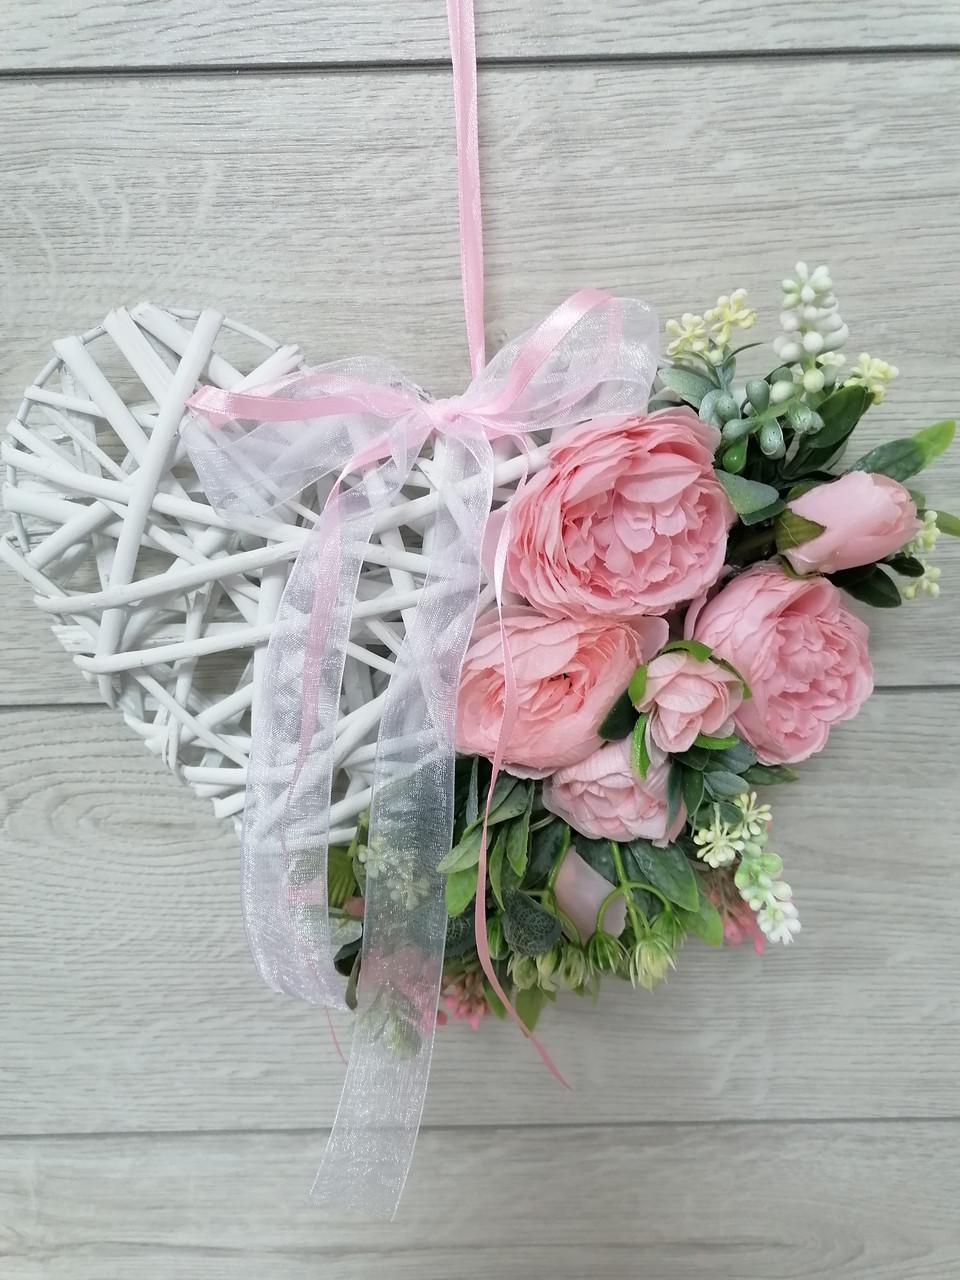 Композиция из искусственных цветов Волинські візерунки сердце розовое